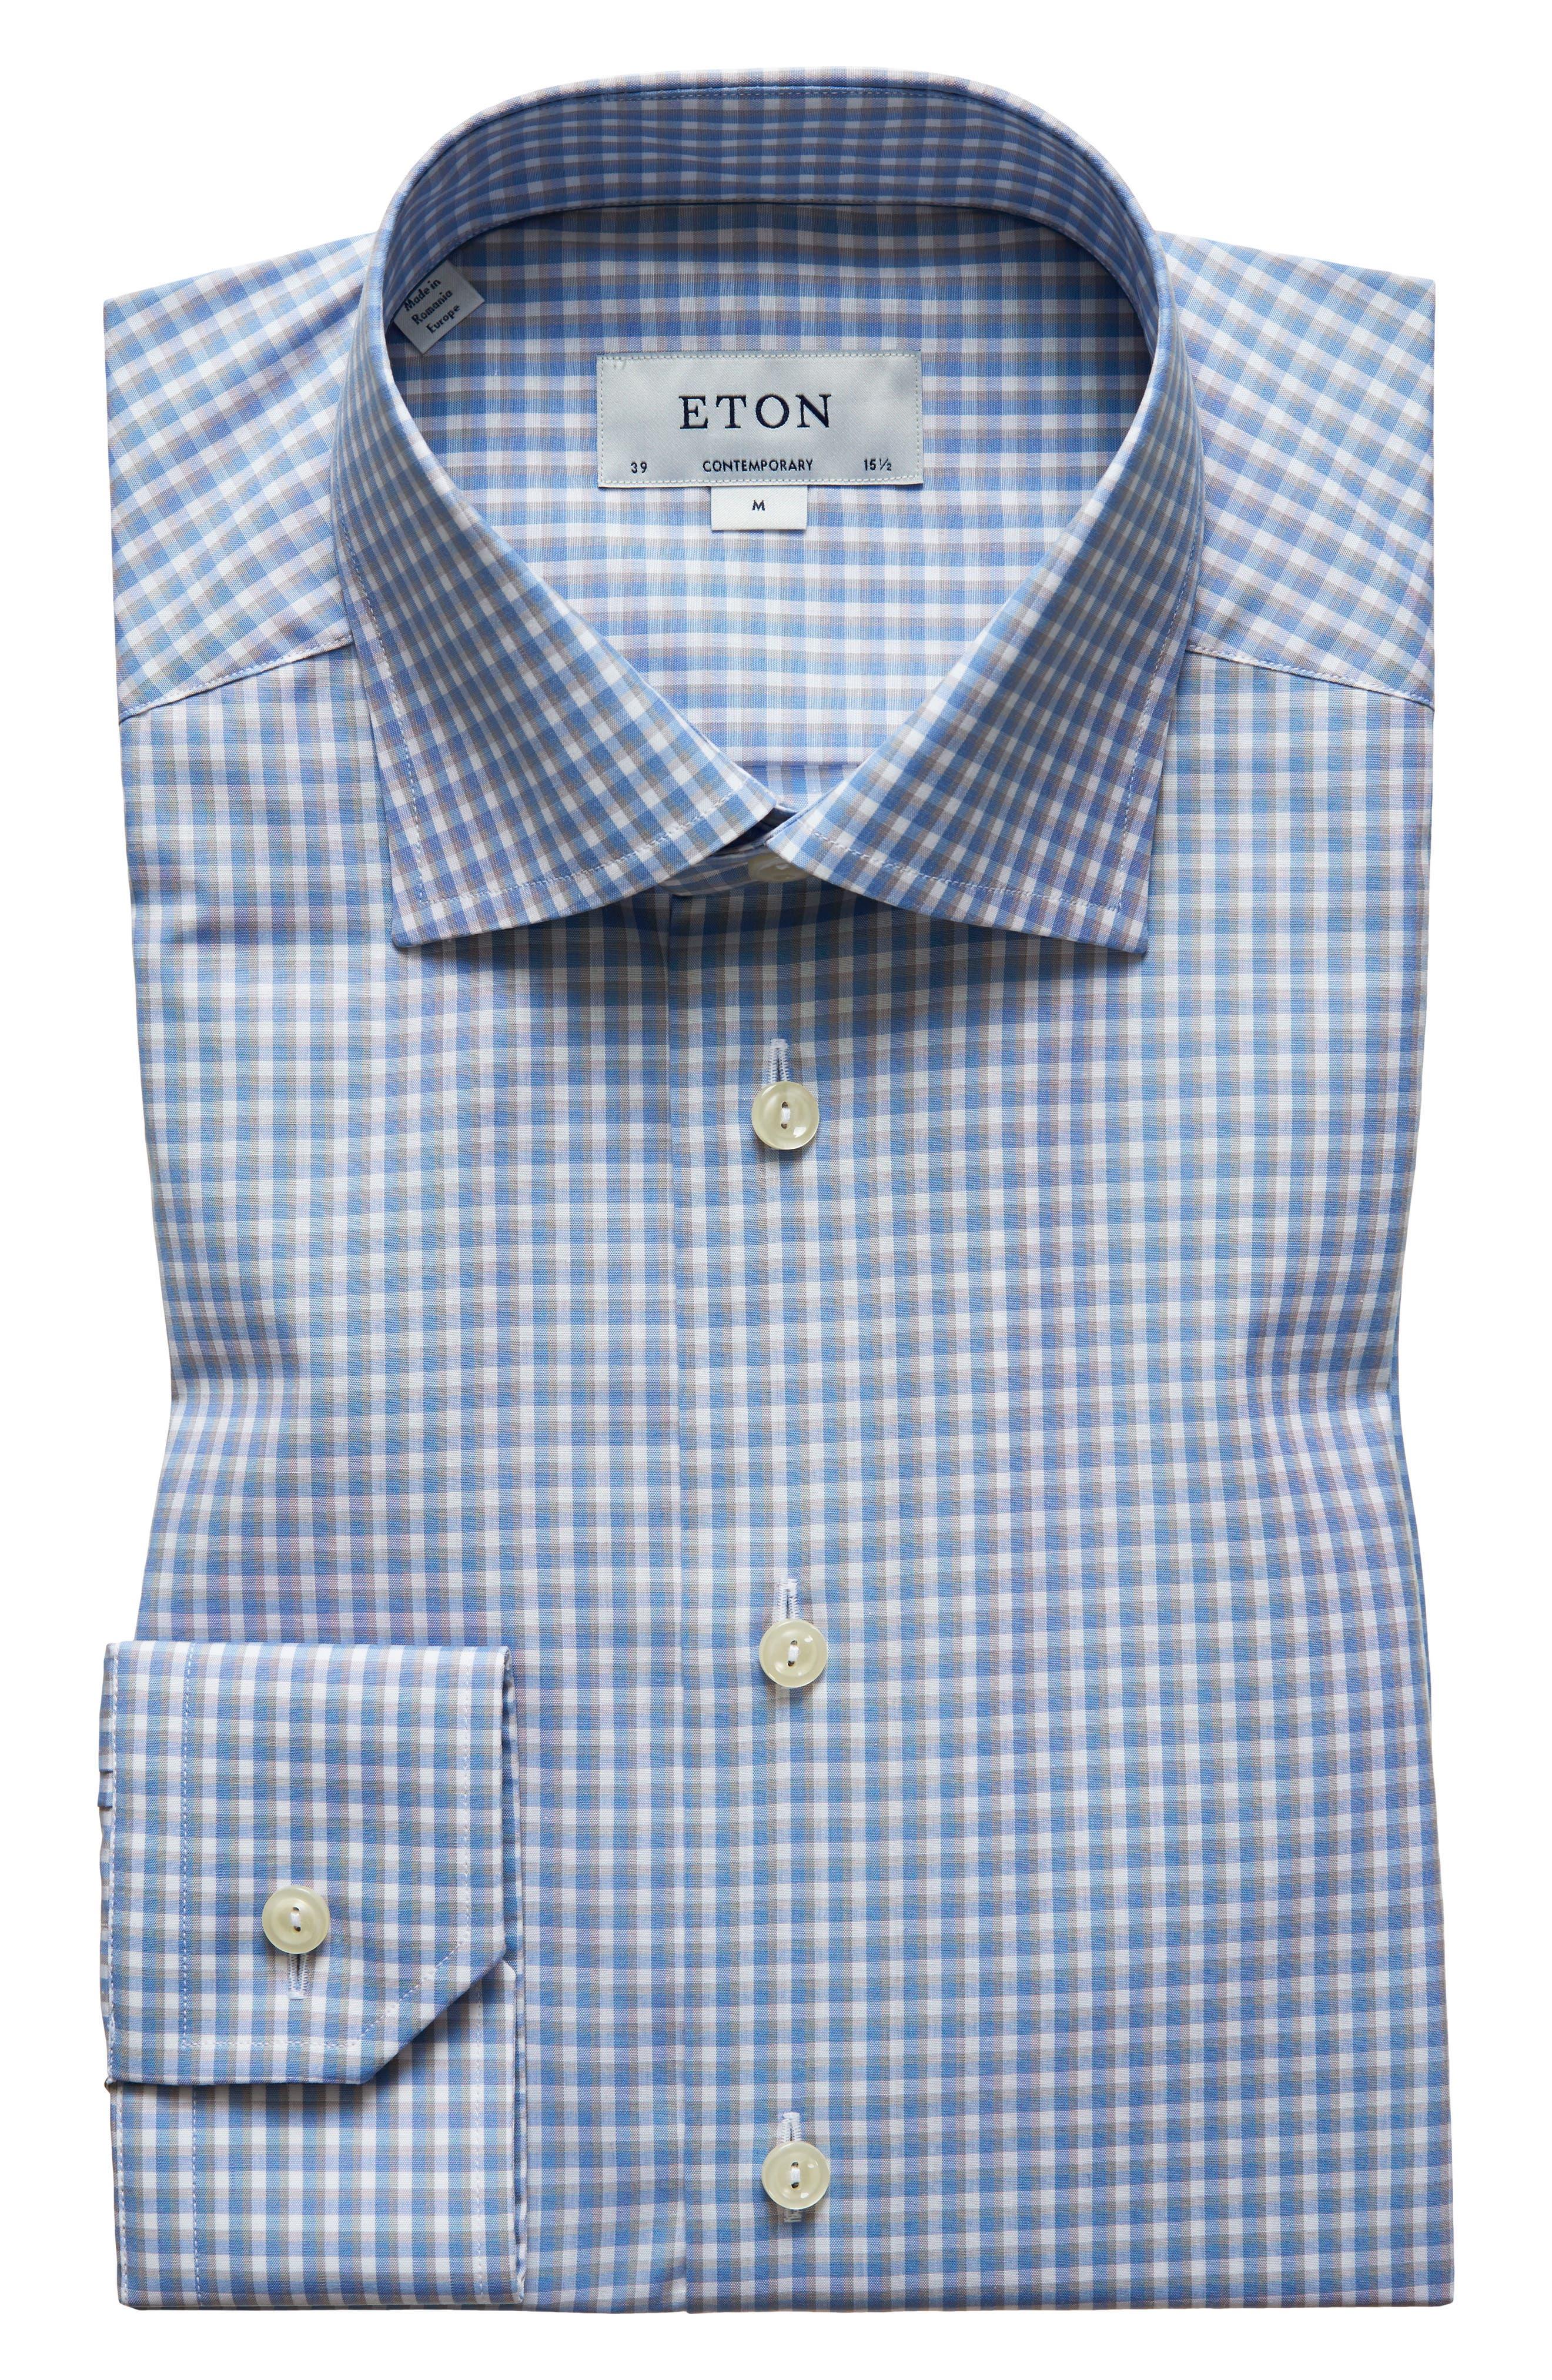 Eton Check Dress Shirt